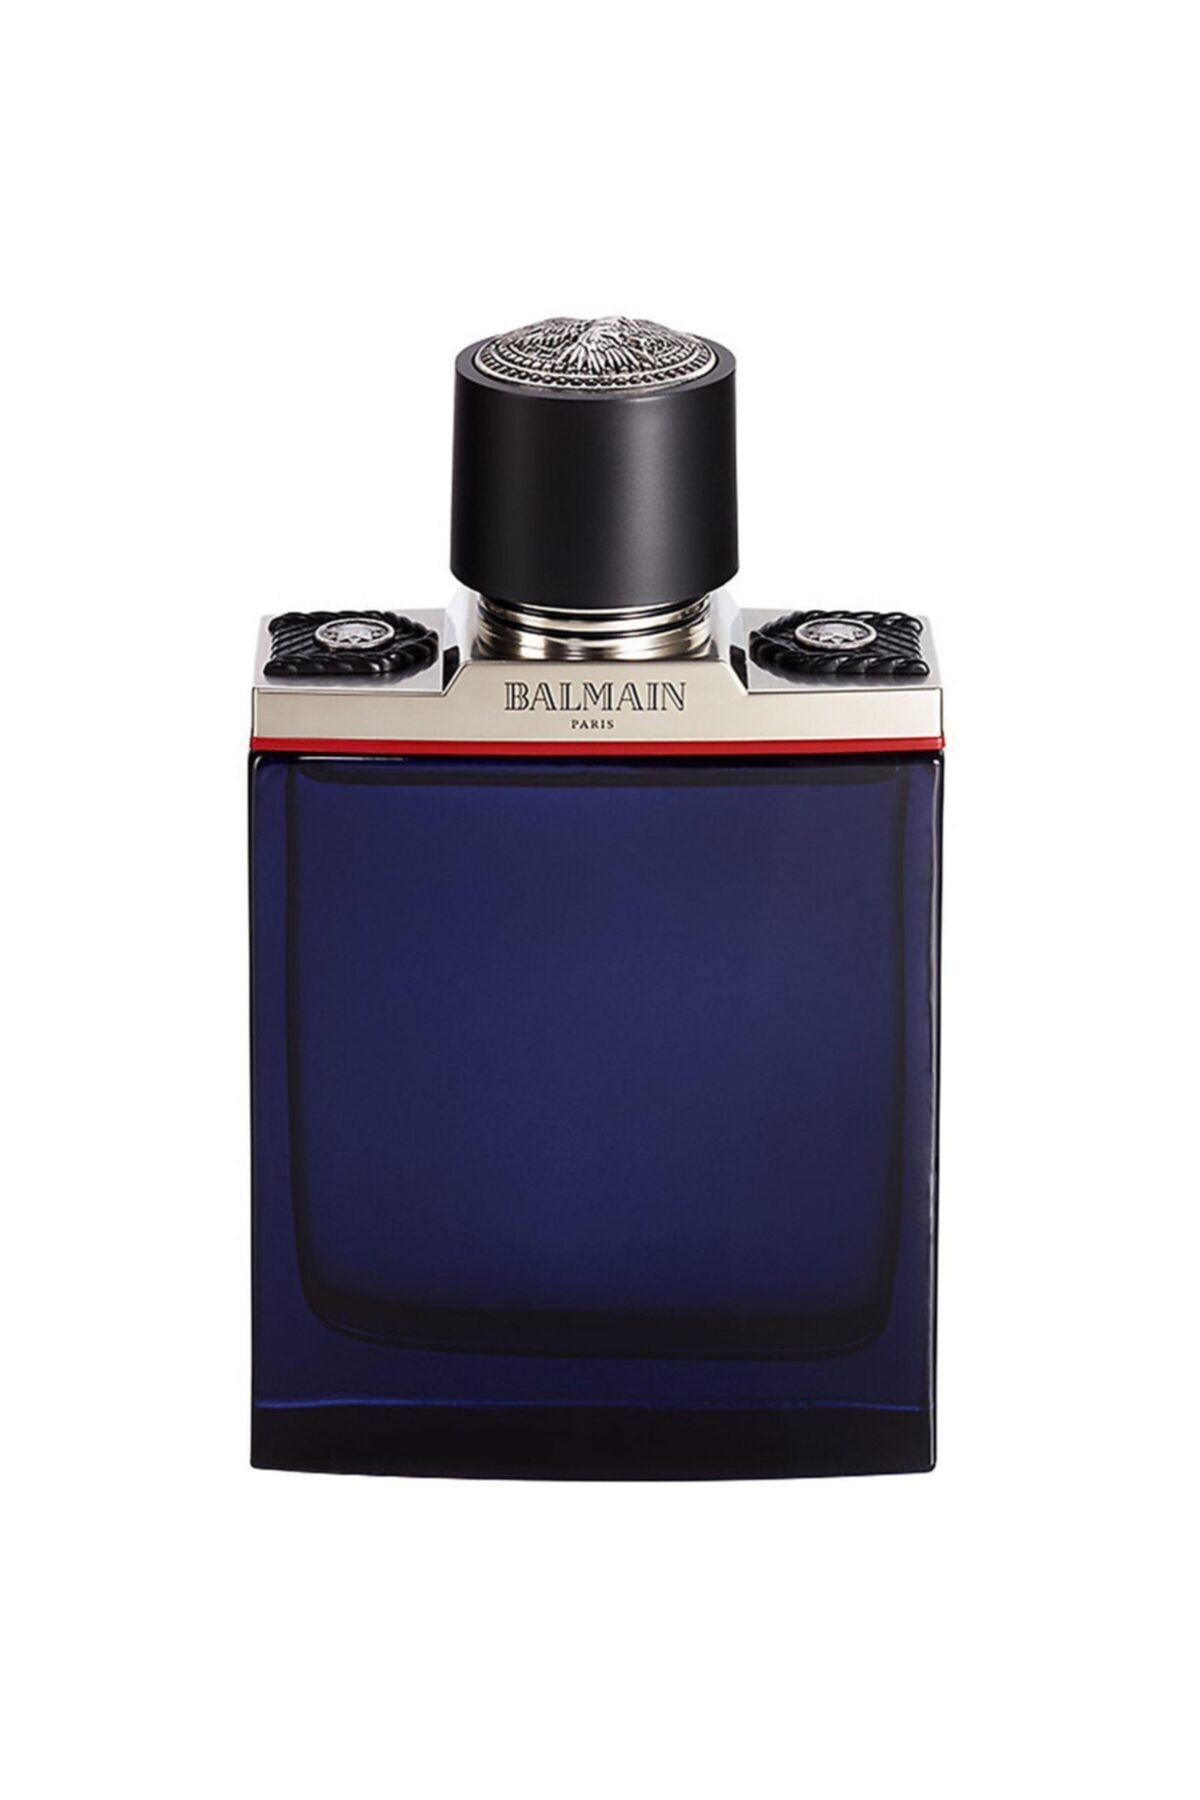 BALMAIN Homme Edt 100 ml Erkek Parfümü 3386460070867 2